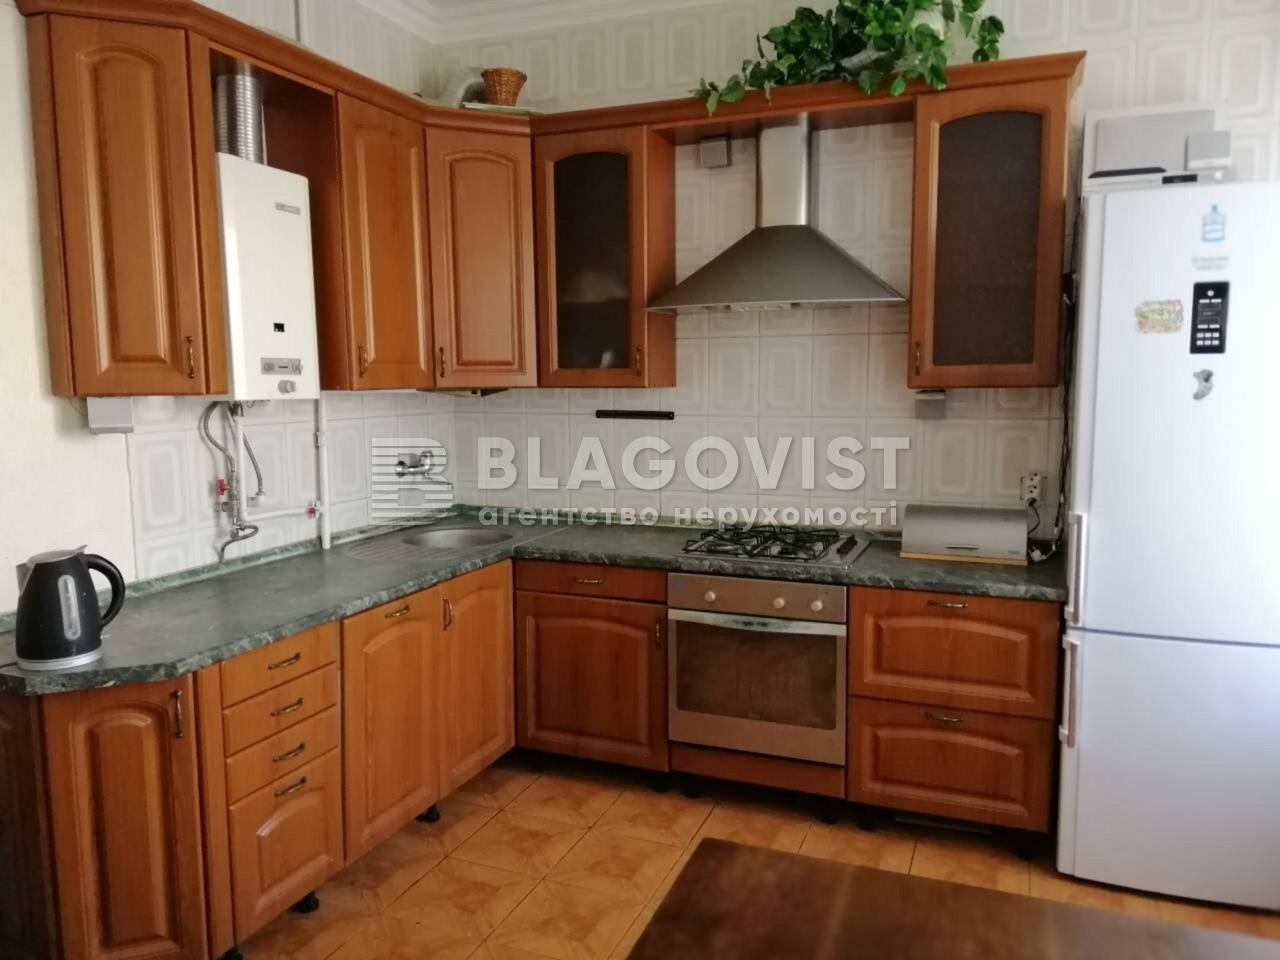 Квартира R-21444, Бойчука Михаила (Киквидзе), 5, Киев - Фото 6